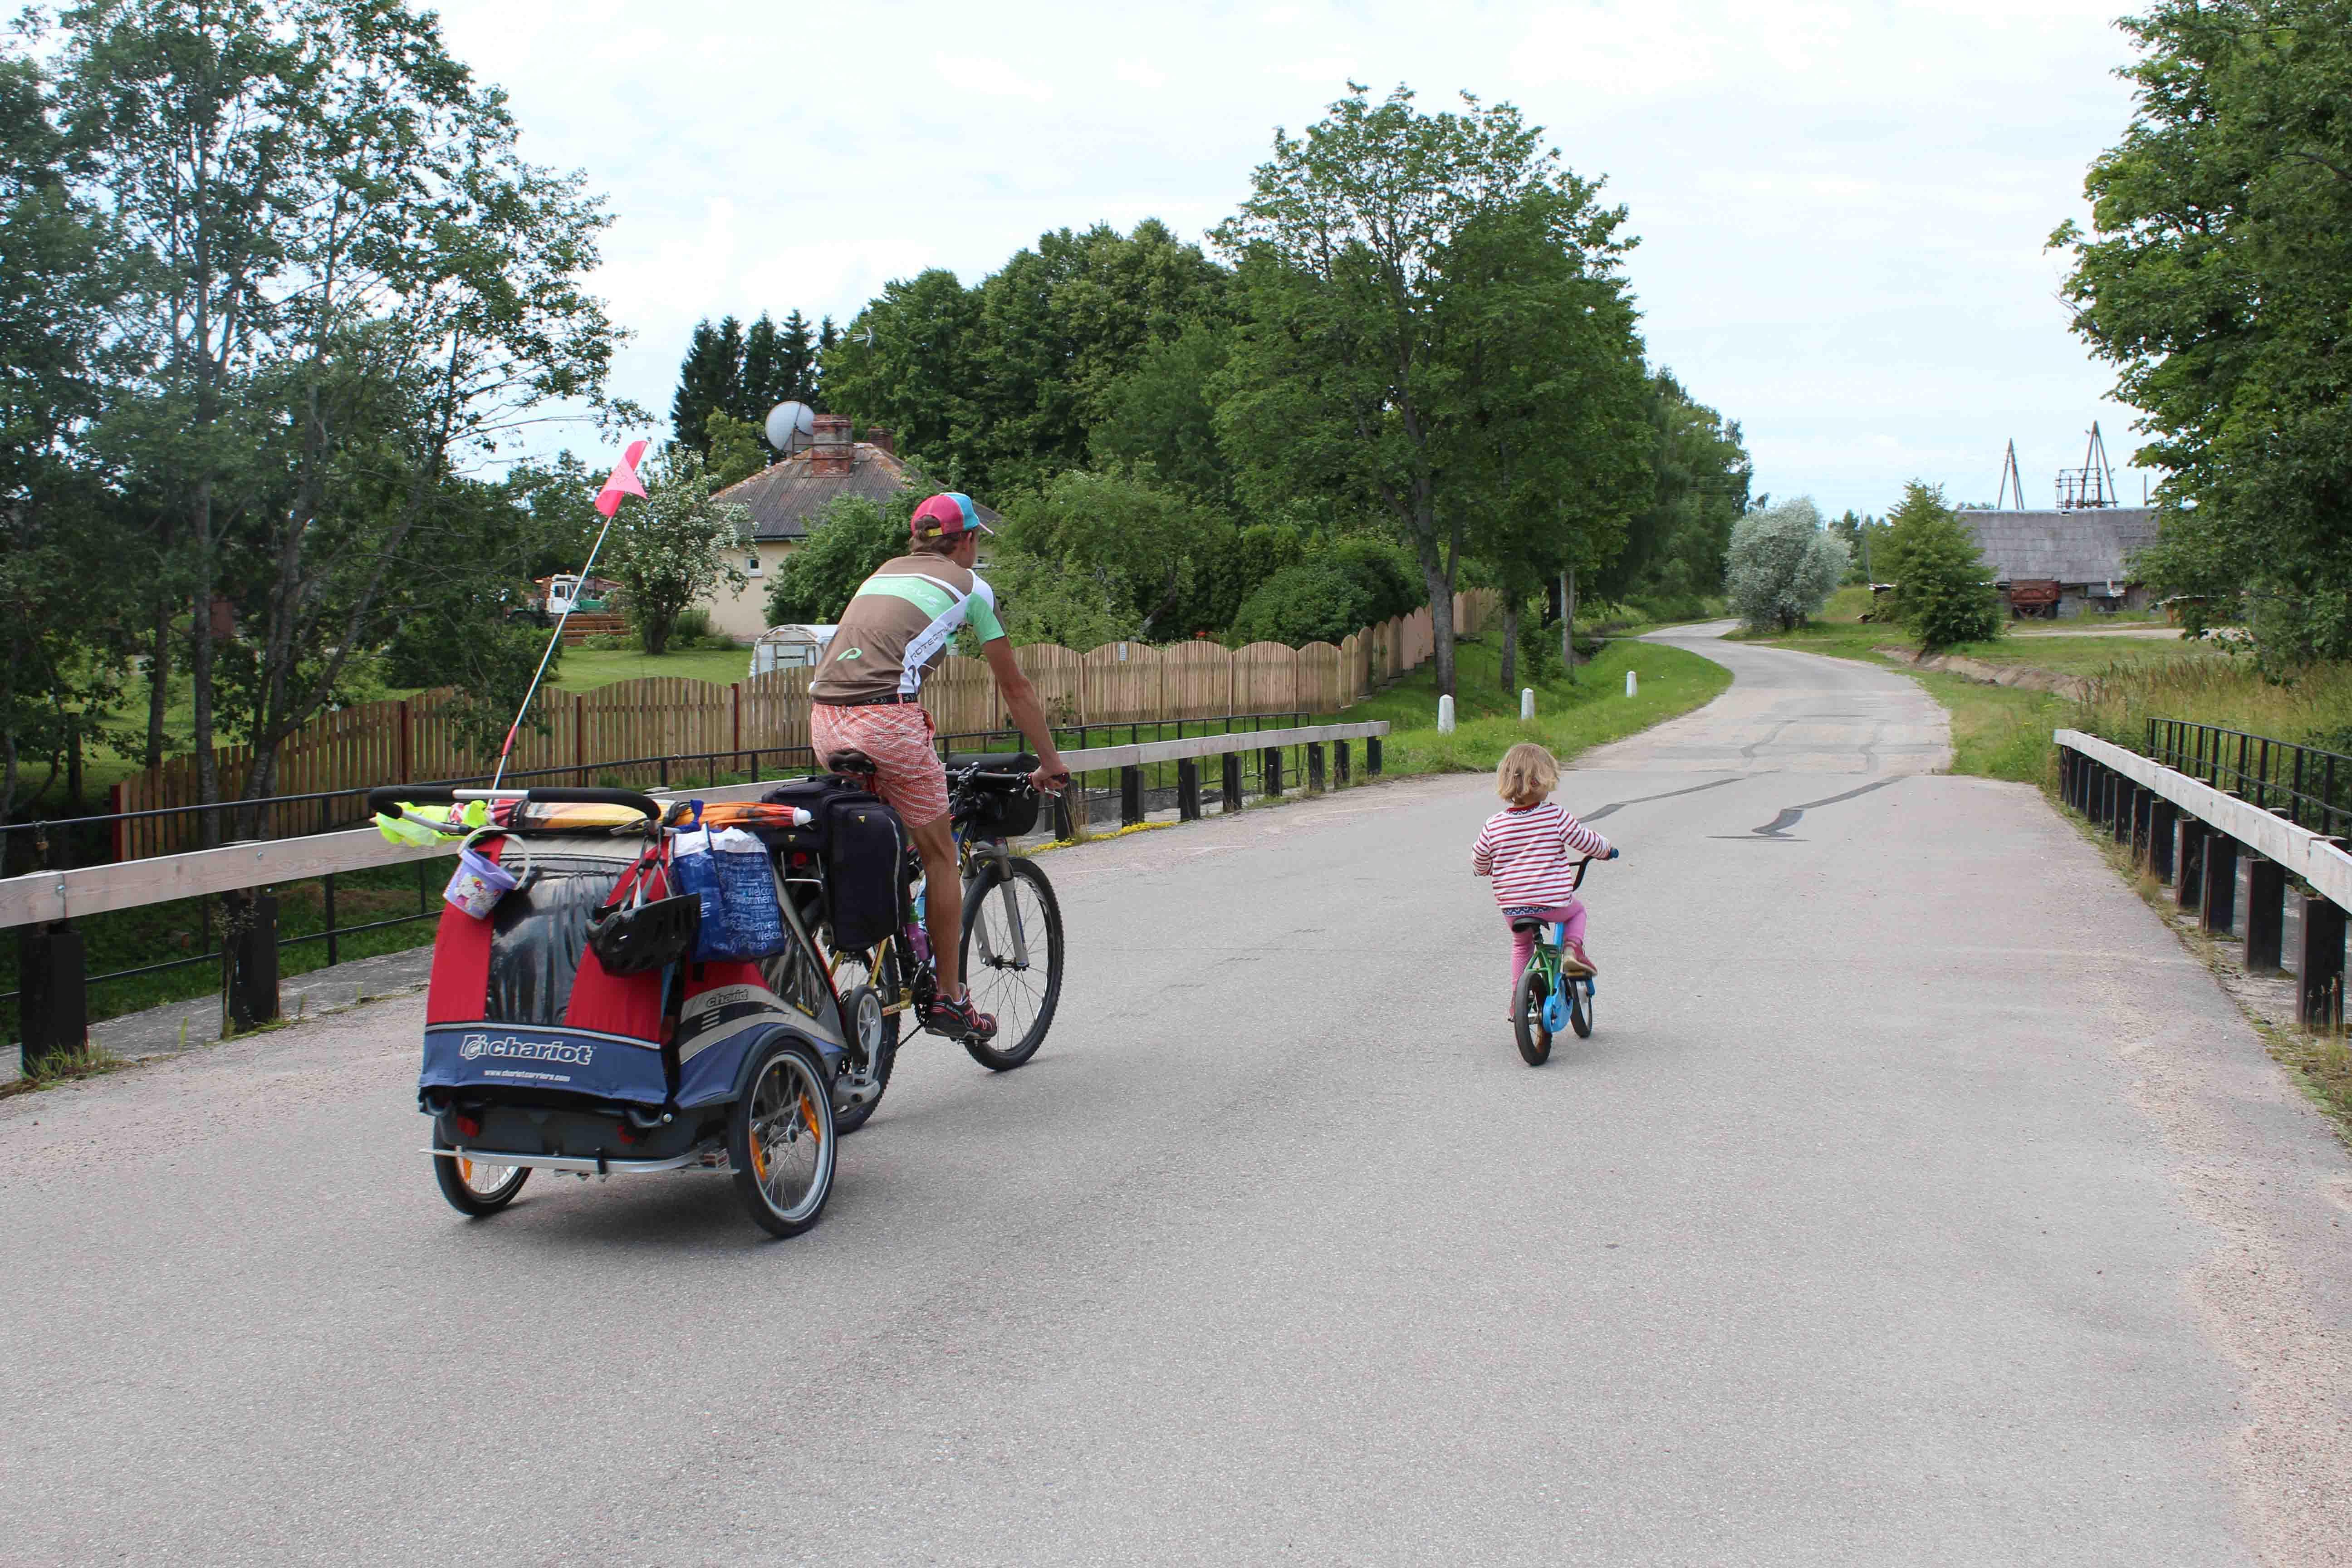 Radreise Familie Ausrüstung - Unsere Stories und Tipps. Begleite uns und unsere 3 Kinder auf unseren Reisen mit Fahrrad und Zelt! 8 Monate Süd-Ost Europa...